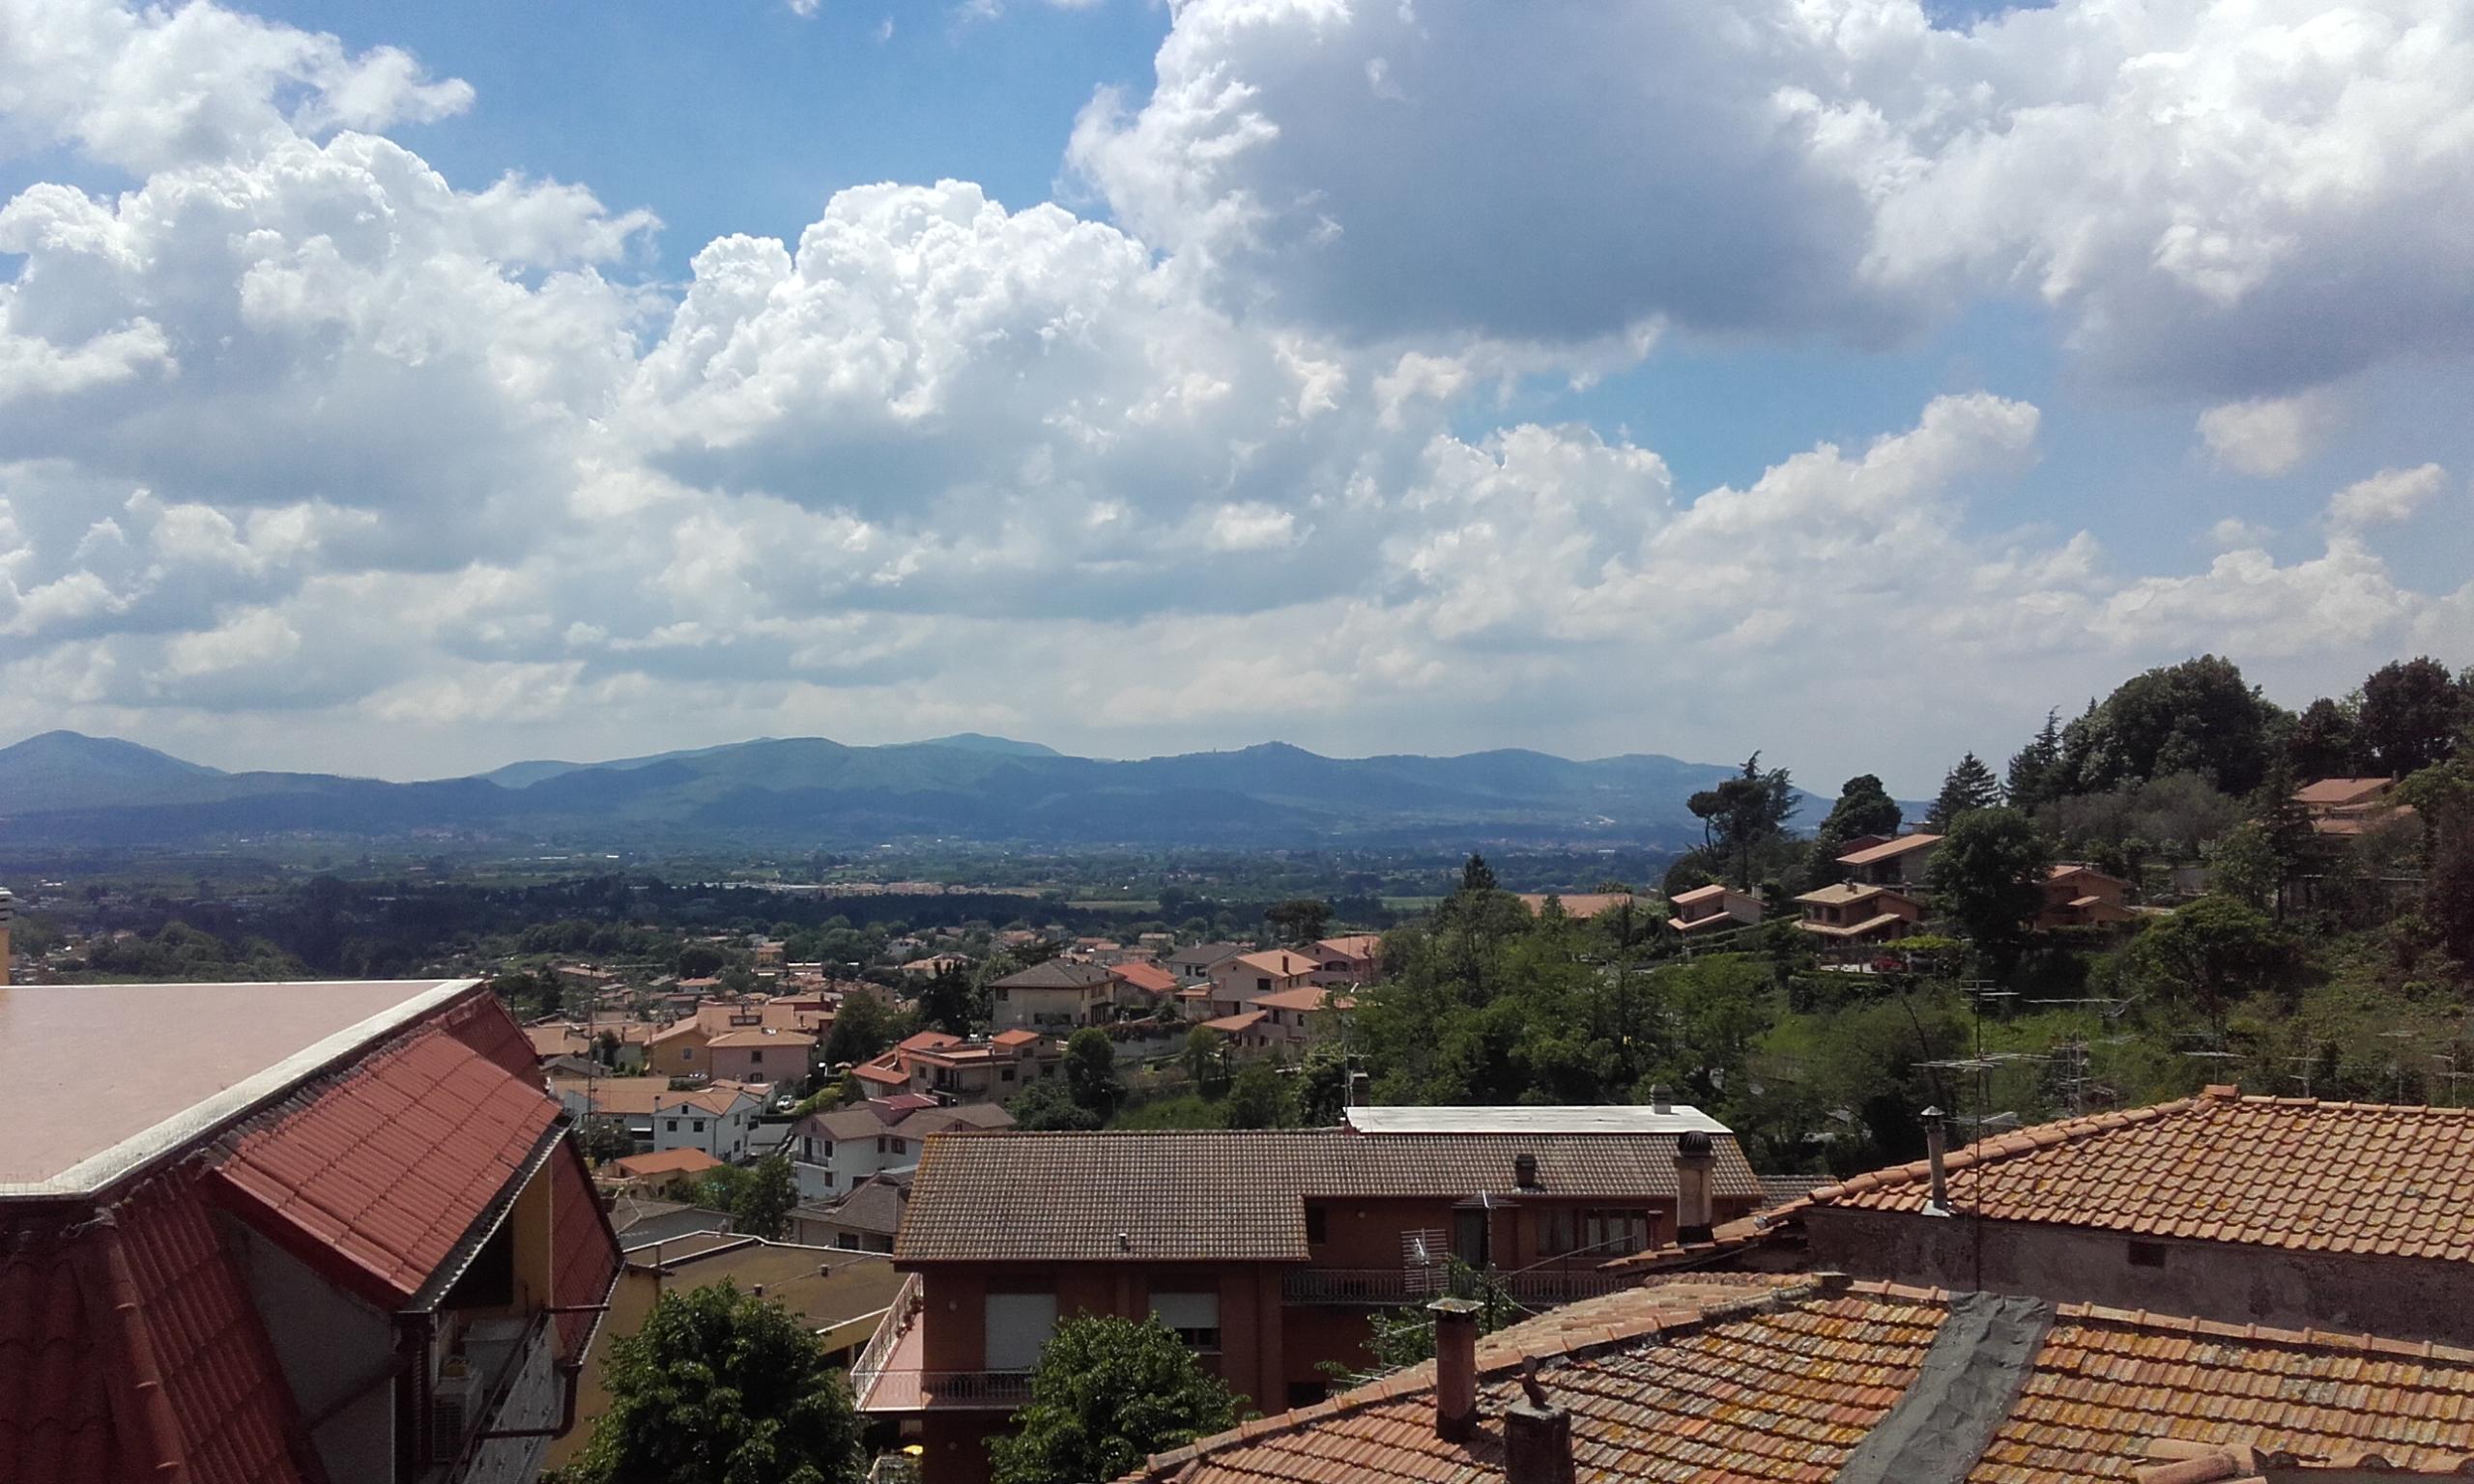 Vistas del valle, mientras subíamos a la parte alta de Palestrina